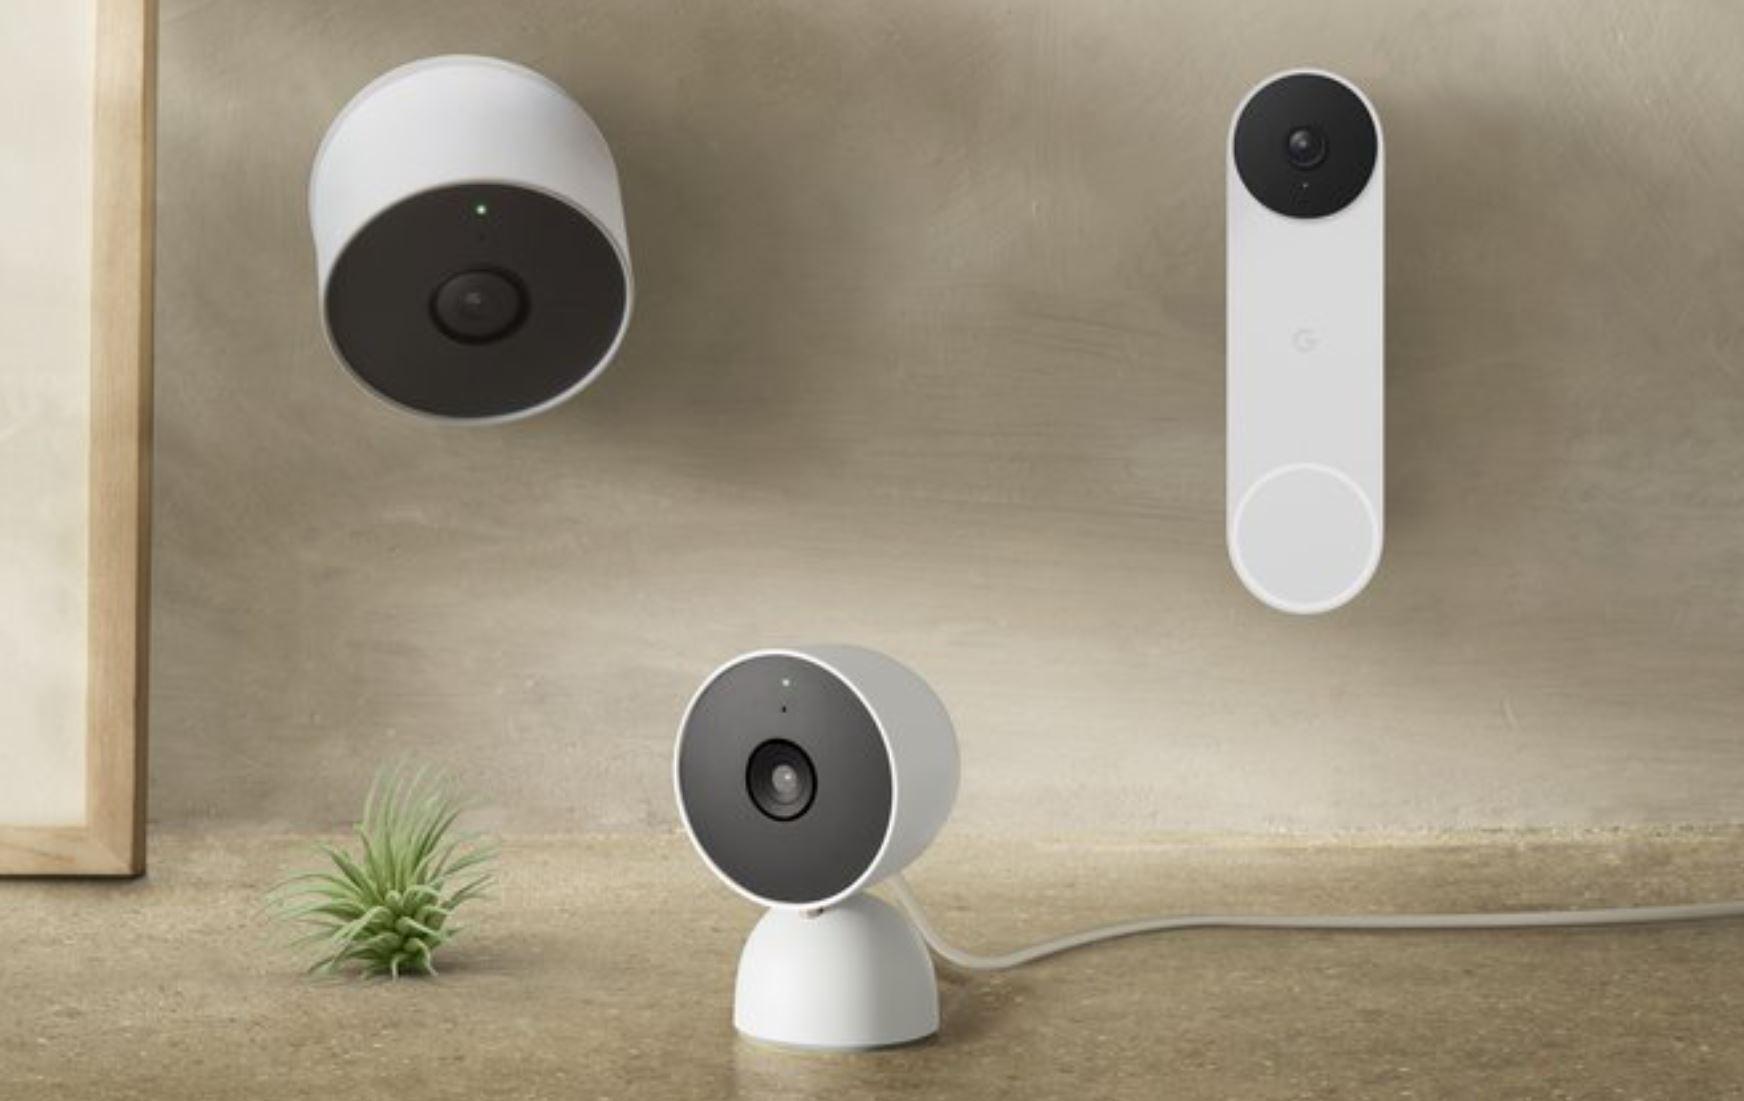 Google Nest Cam Doorbell